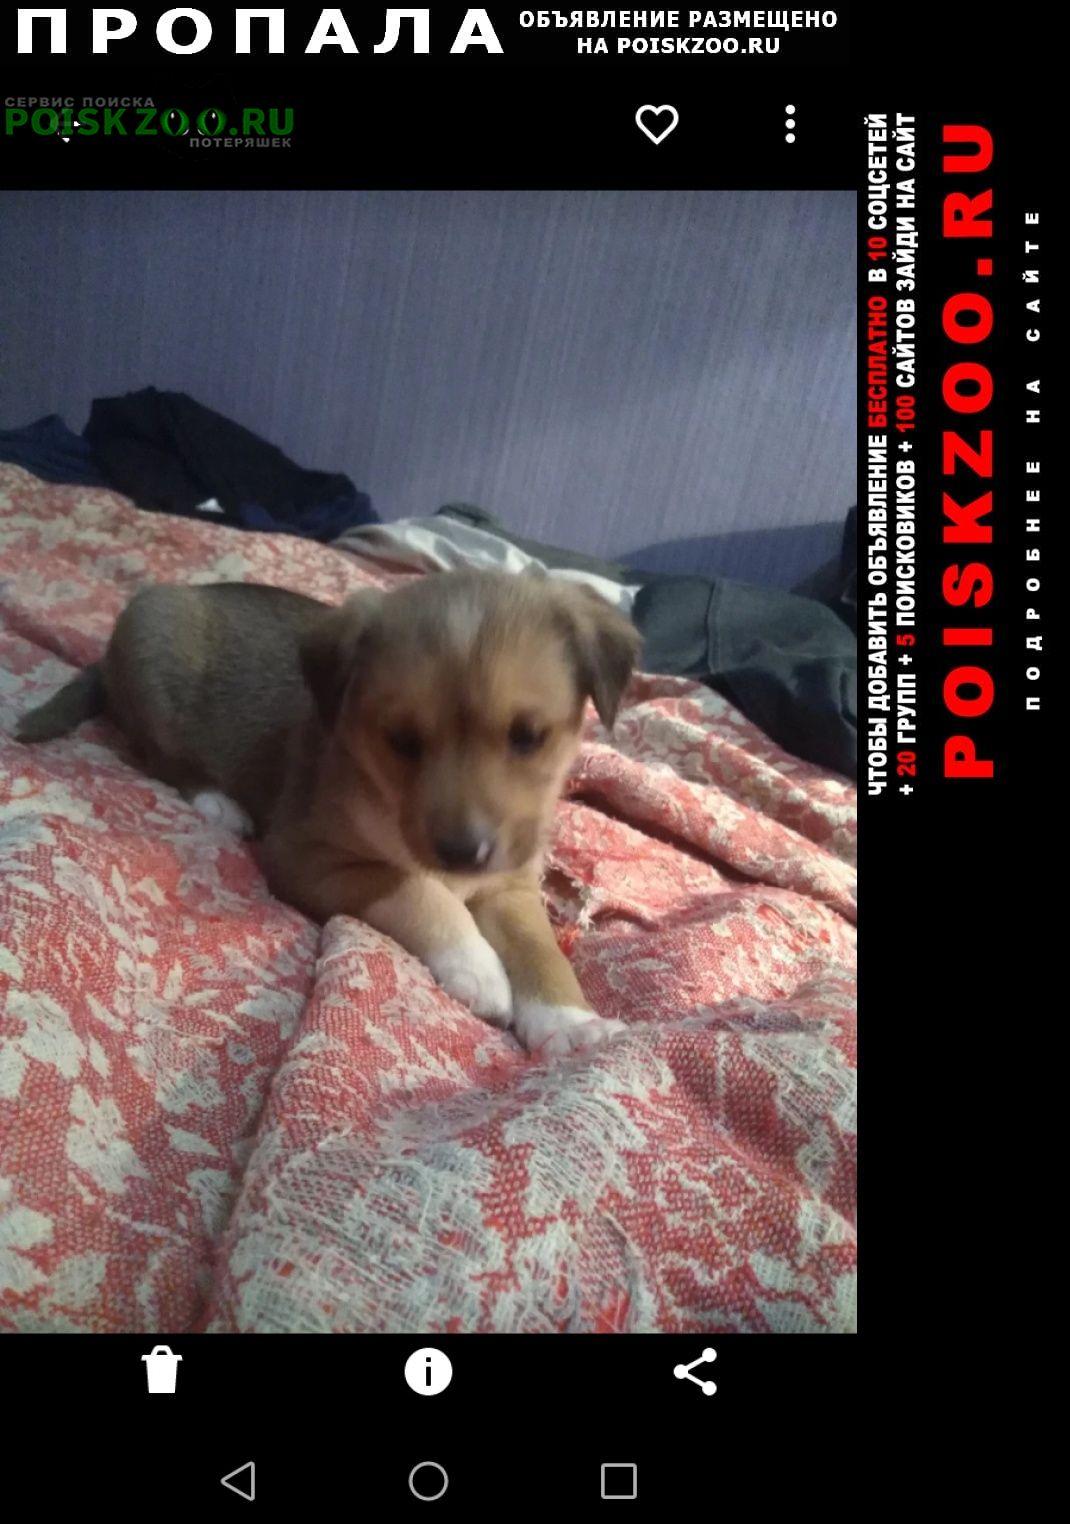 Пропала собака кобель шенок 4 месяца окрас рыжий Братск